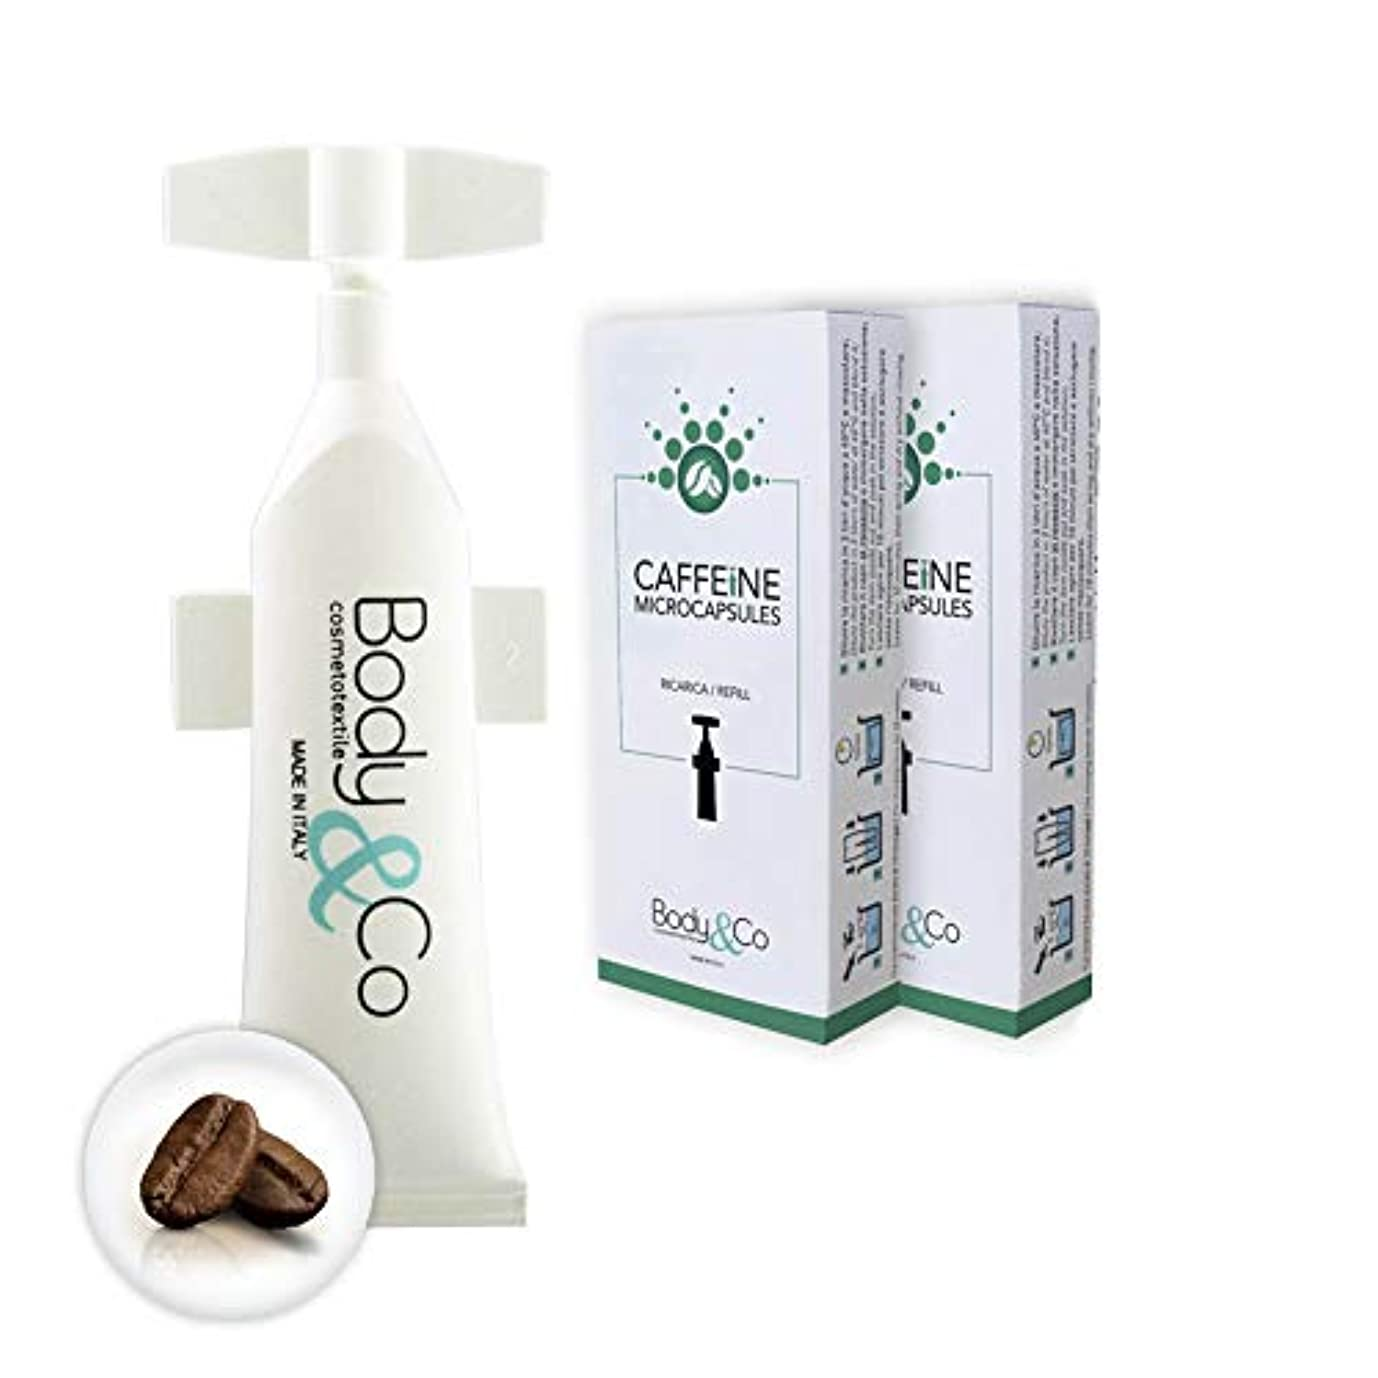 しおれた手術請うBody&Co Cosmetic Refill 10 ml Caffeine (CAFFEINE 10 ML, 2 REFILLS 10 ML)